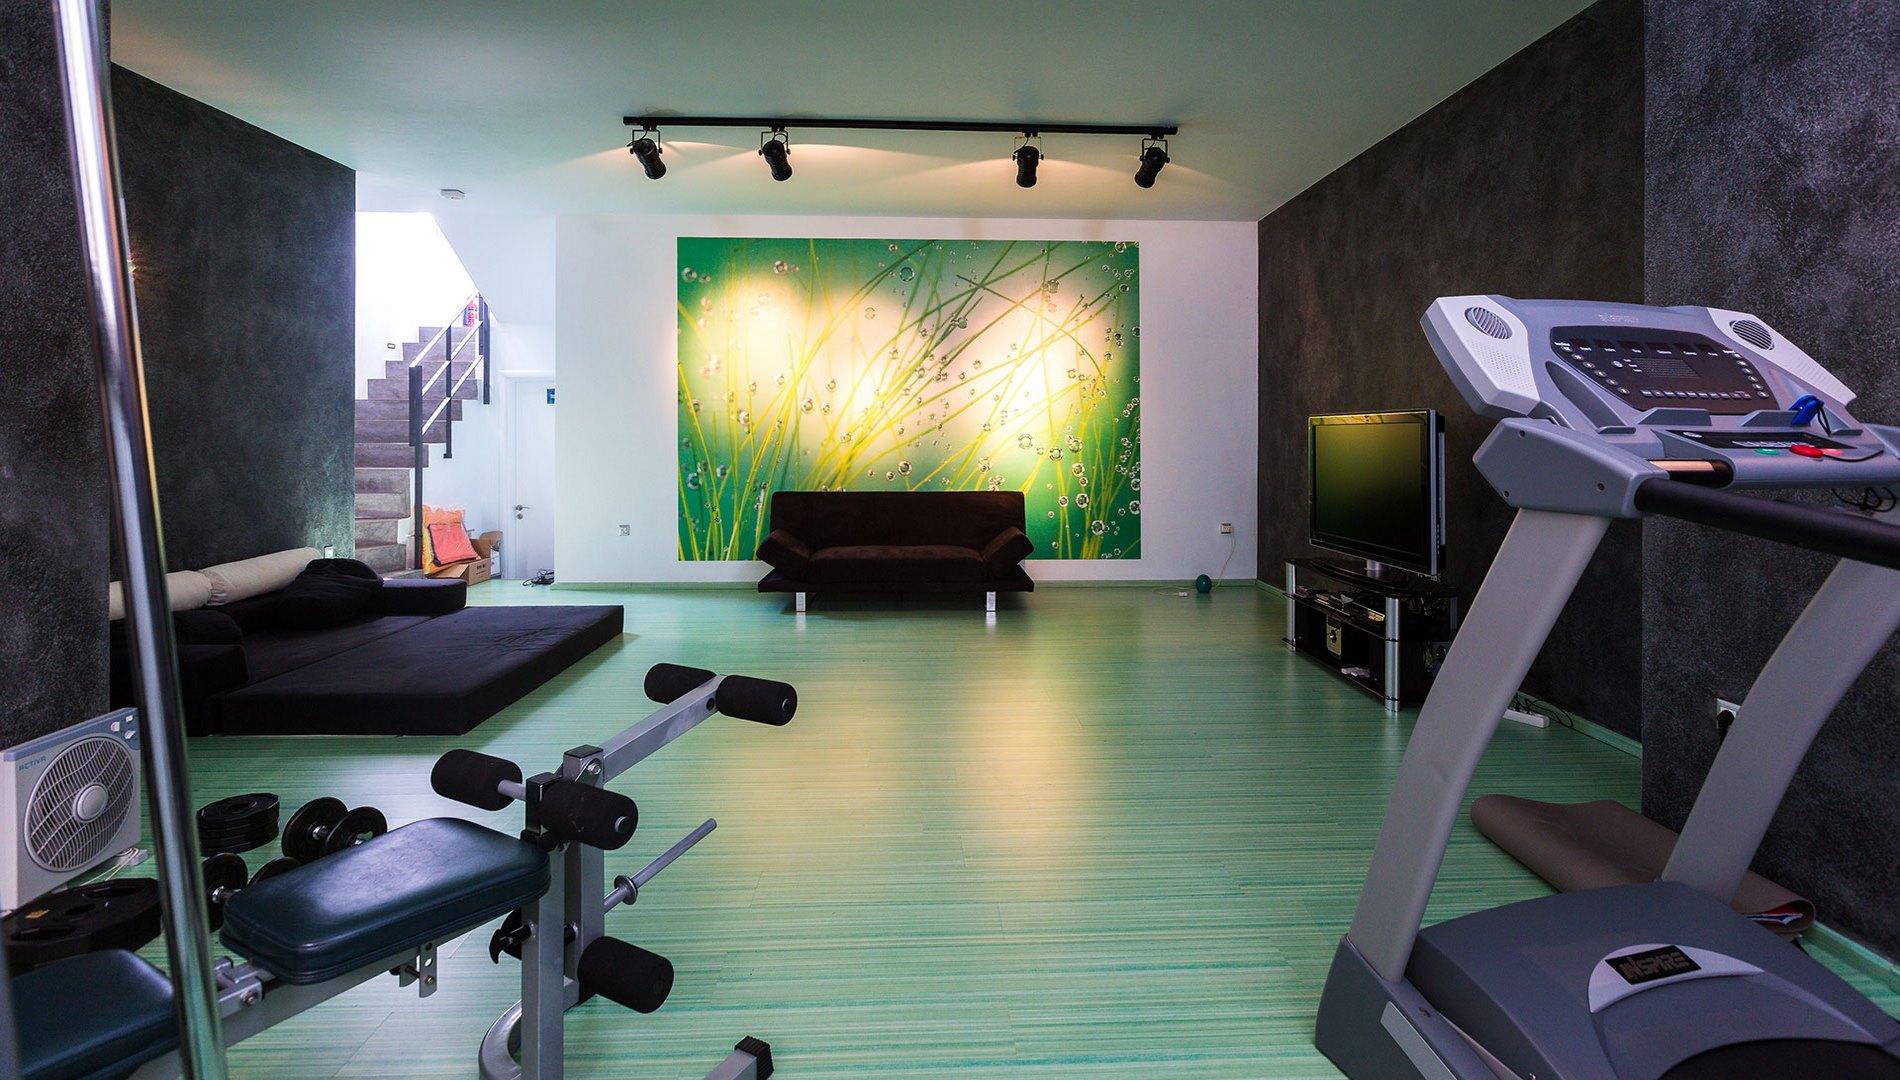 Gym-play room 2 (Копировать)